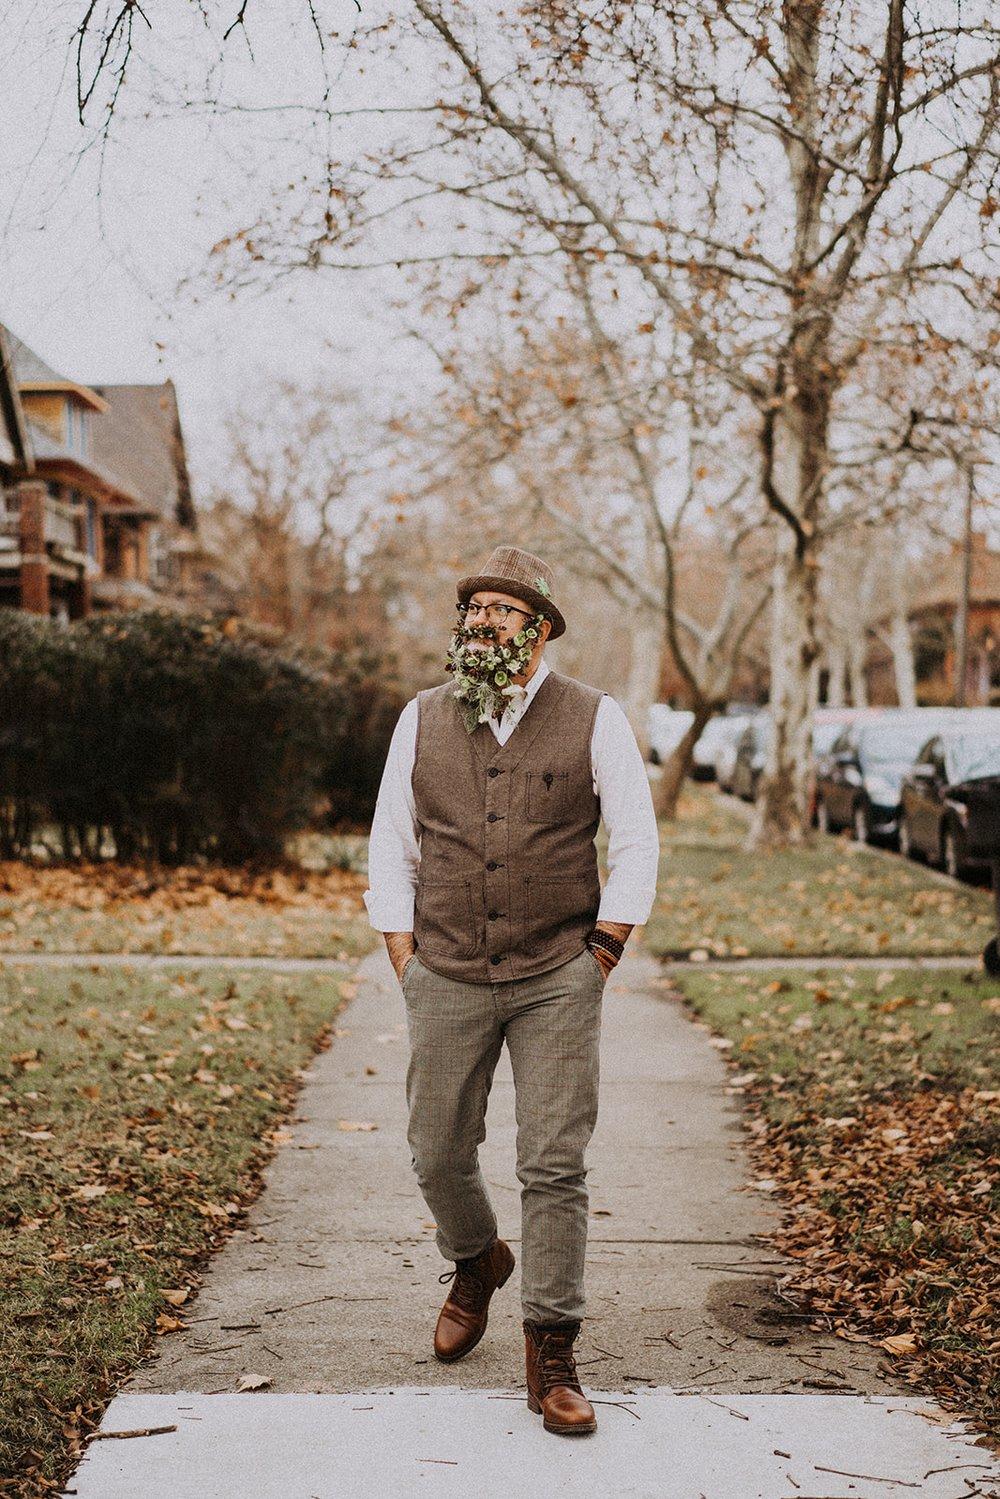 No-Shave November Floral Beard